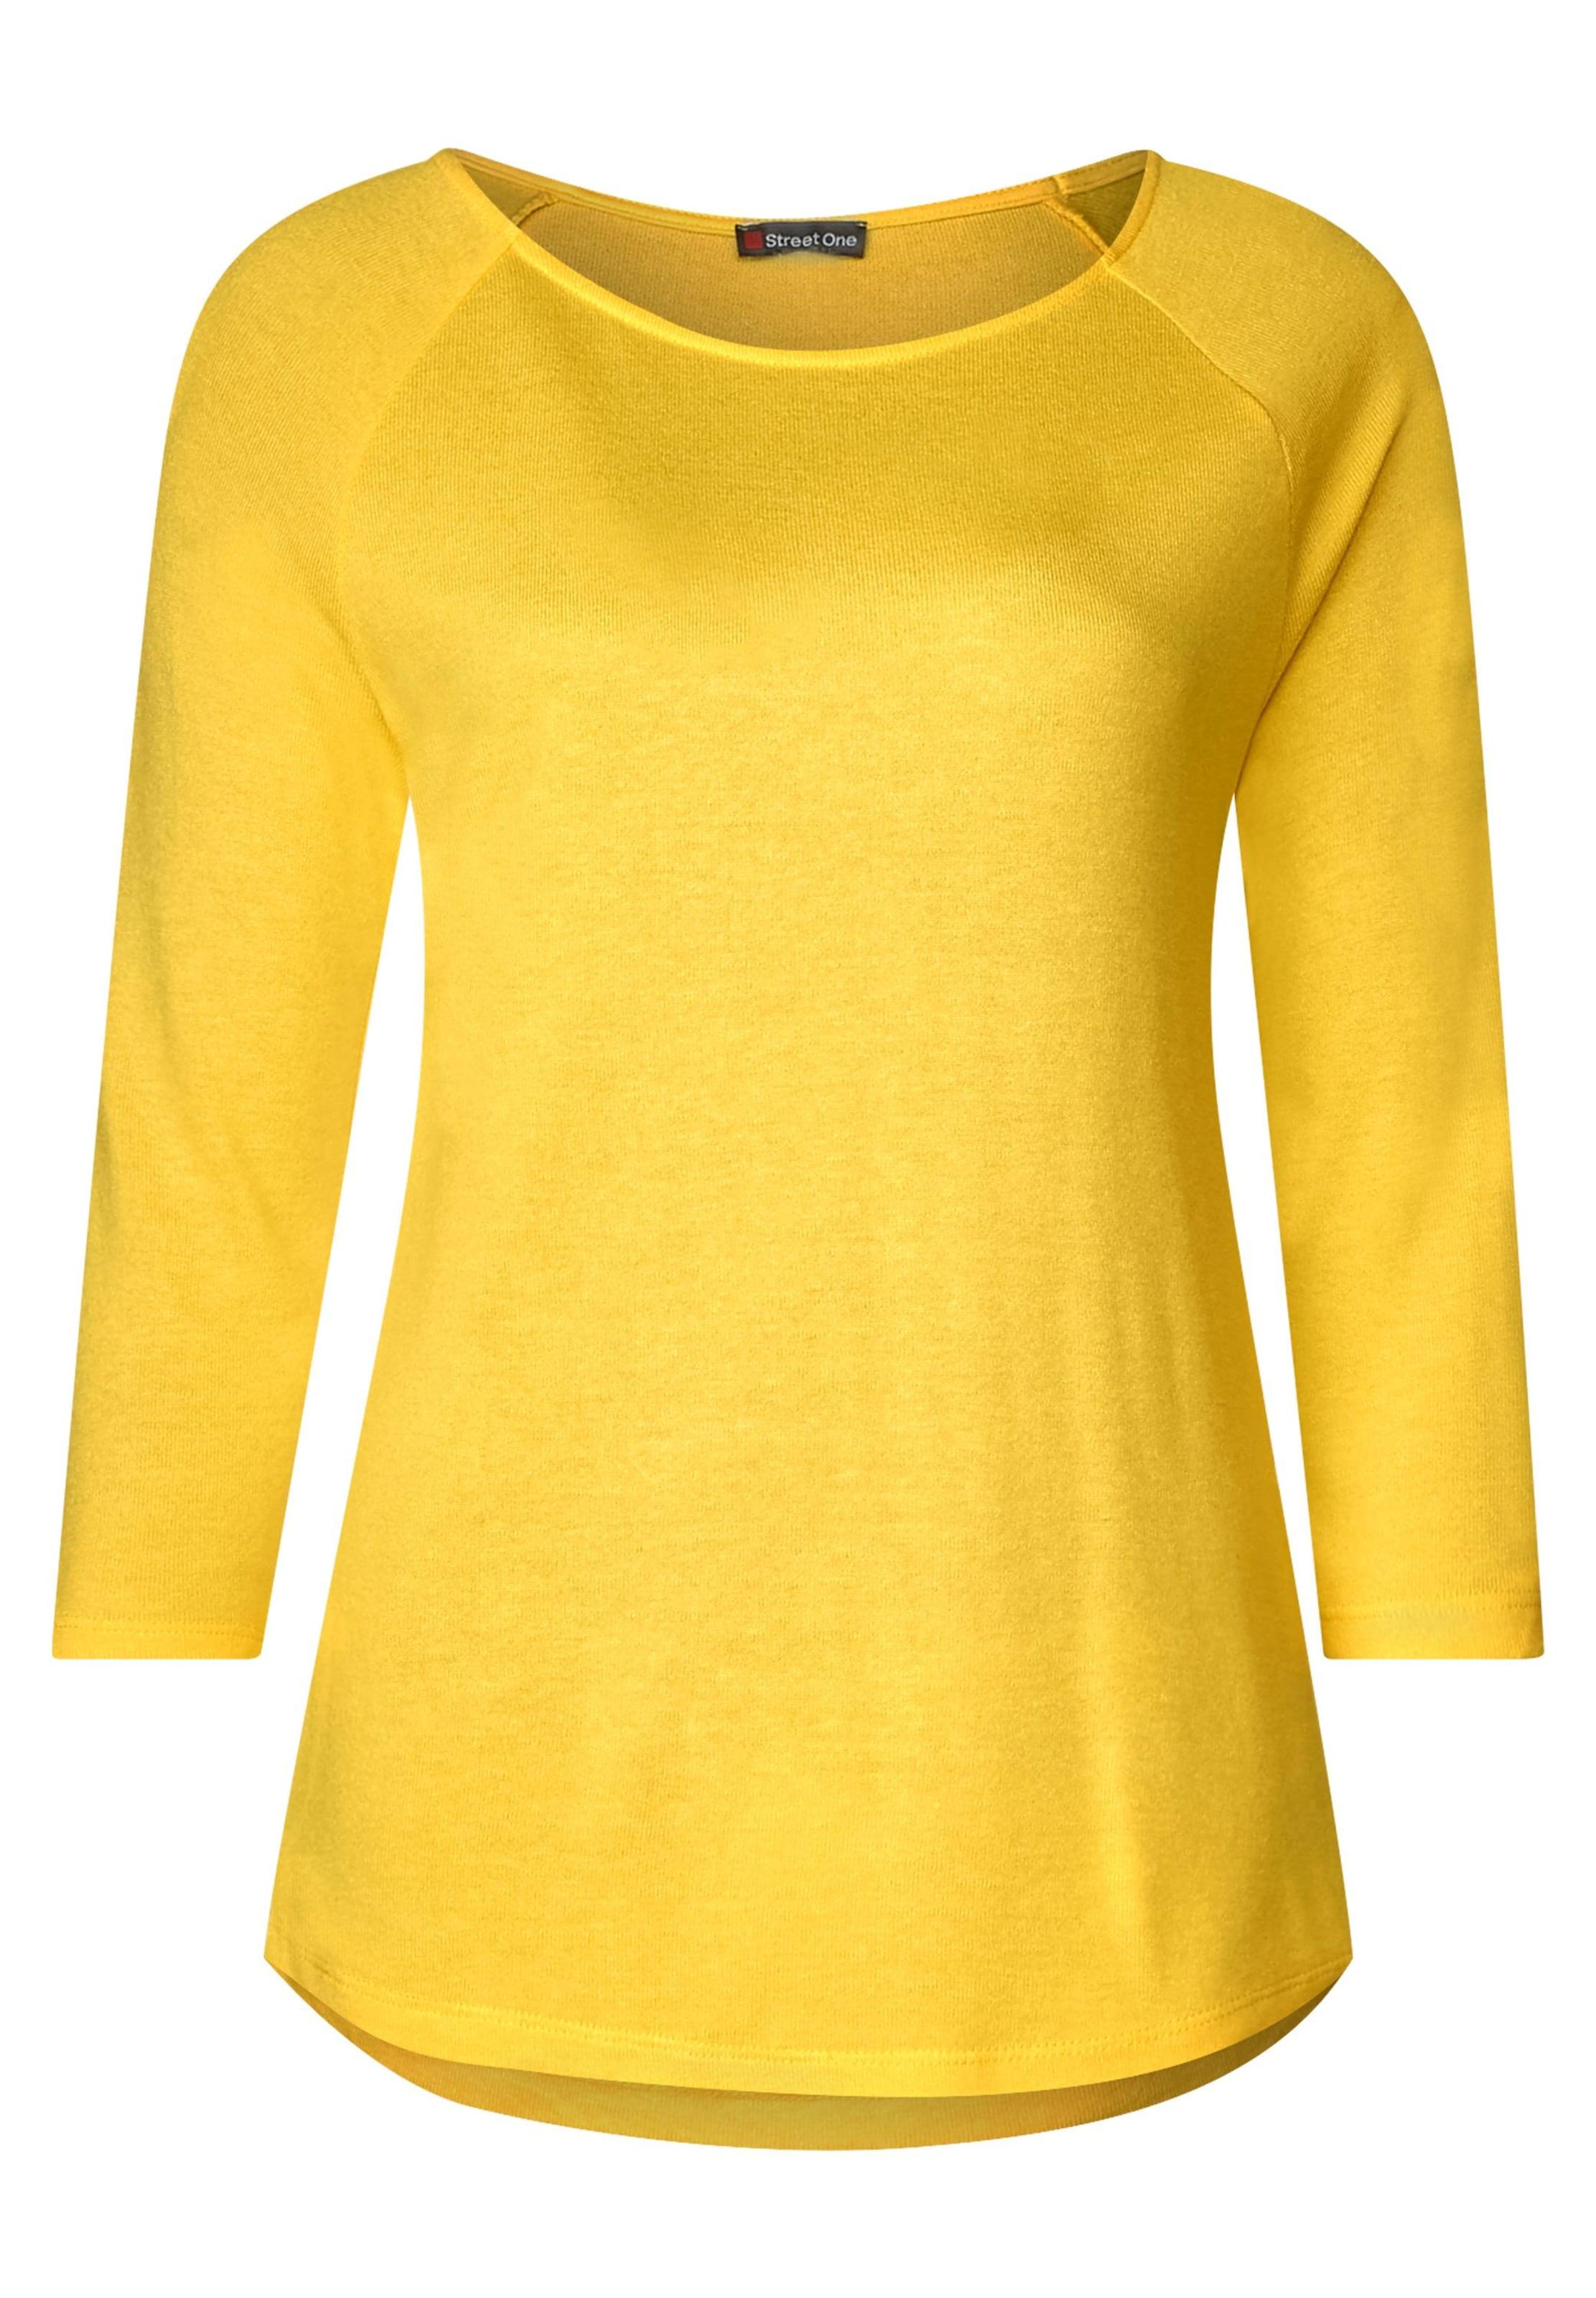 One 'bathia' Shirt Street In Gelb lFc3KJT1